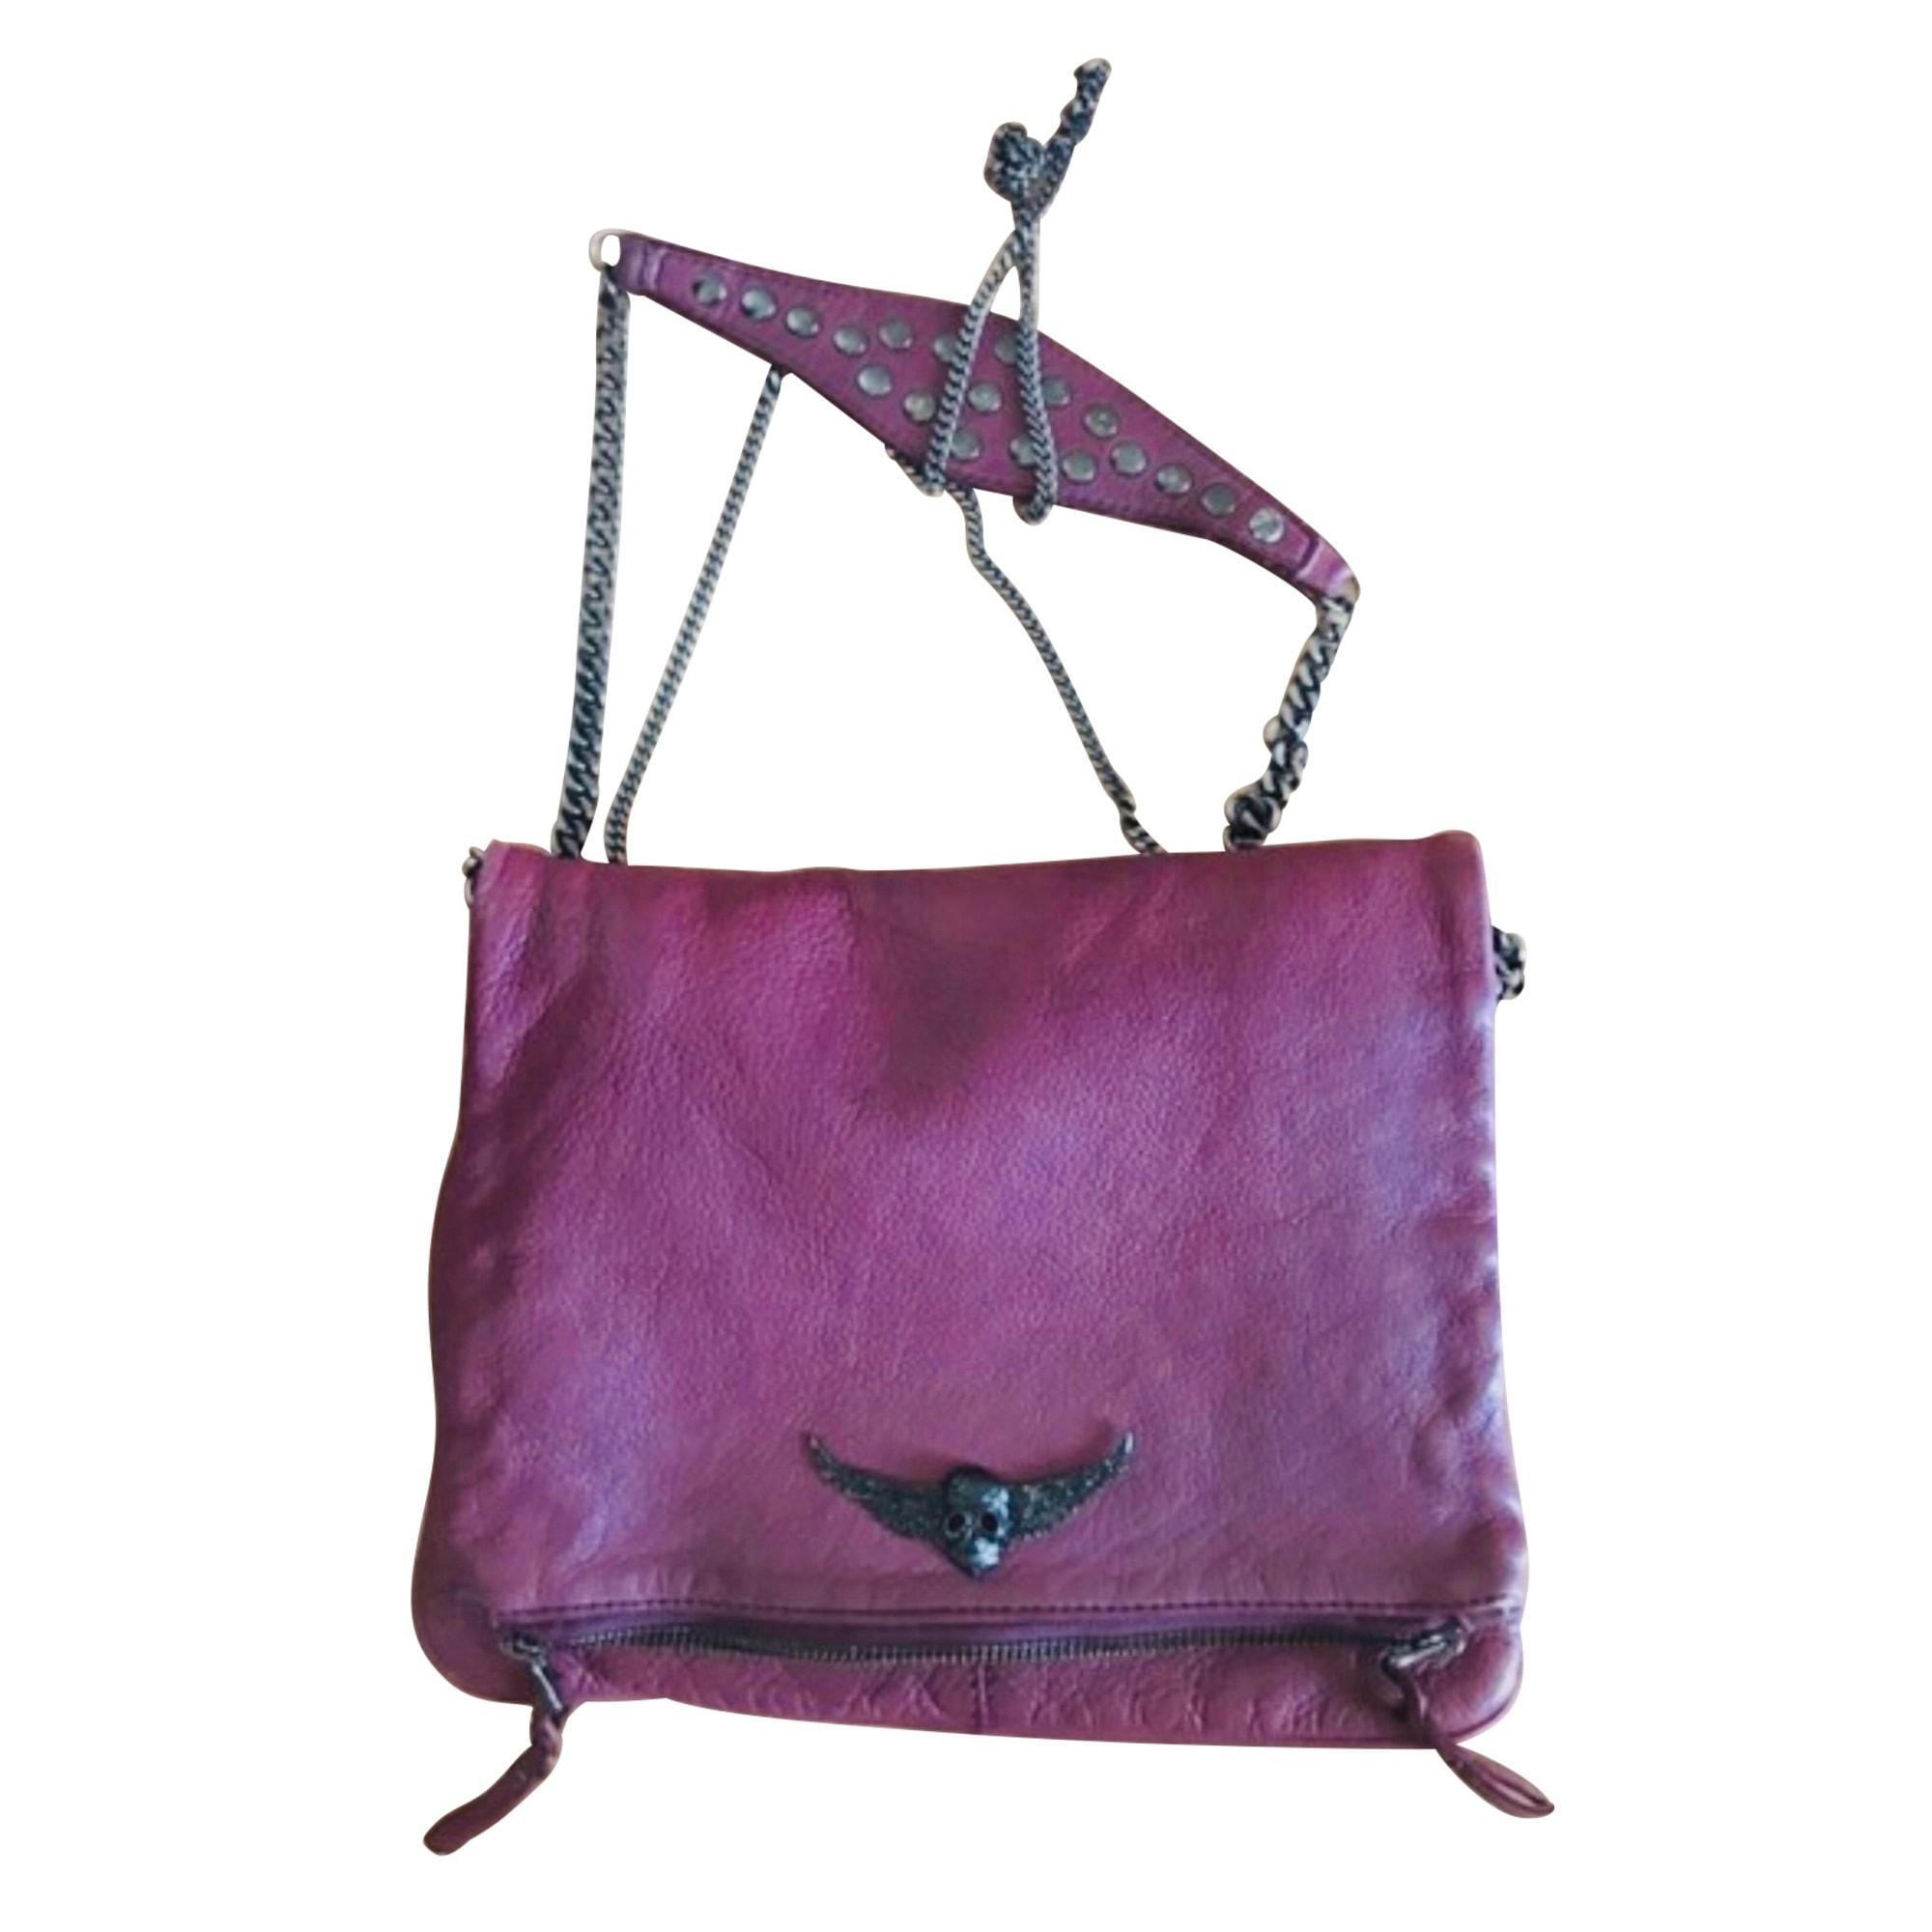 Leather Clutch ZADIG & VOLTAIRE Purple, mauve, lavender